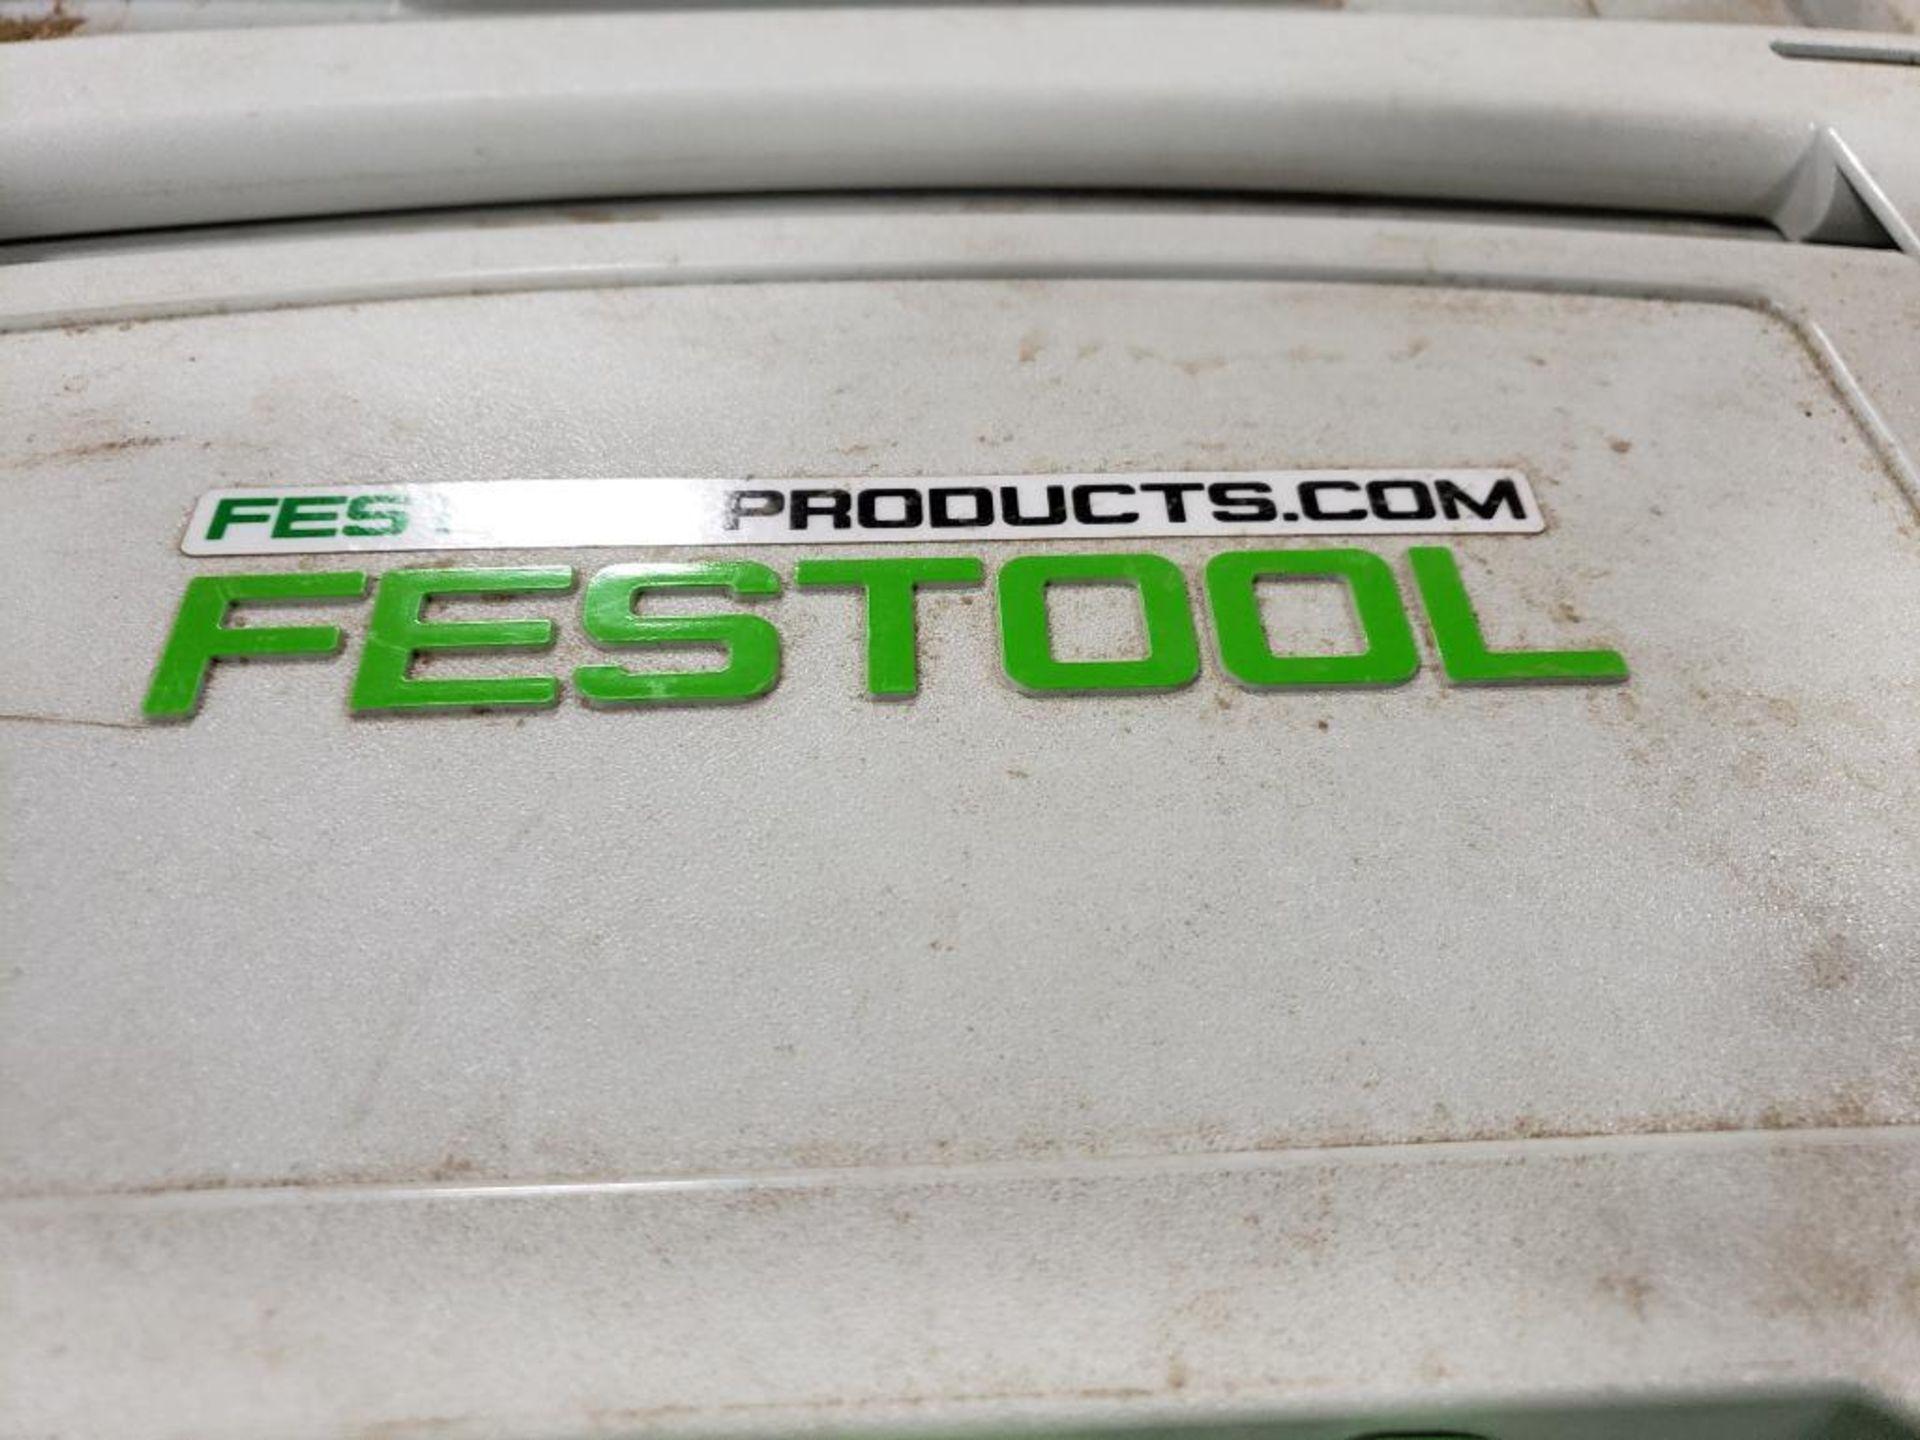 Festool TS75EQ-F-Plus USA Circular saw. 13AMP, 120V. - Image 3 of 7